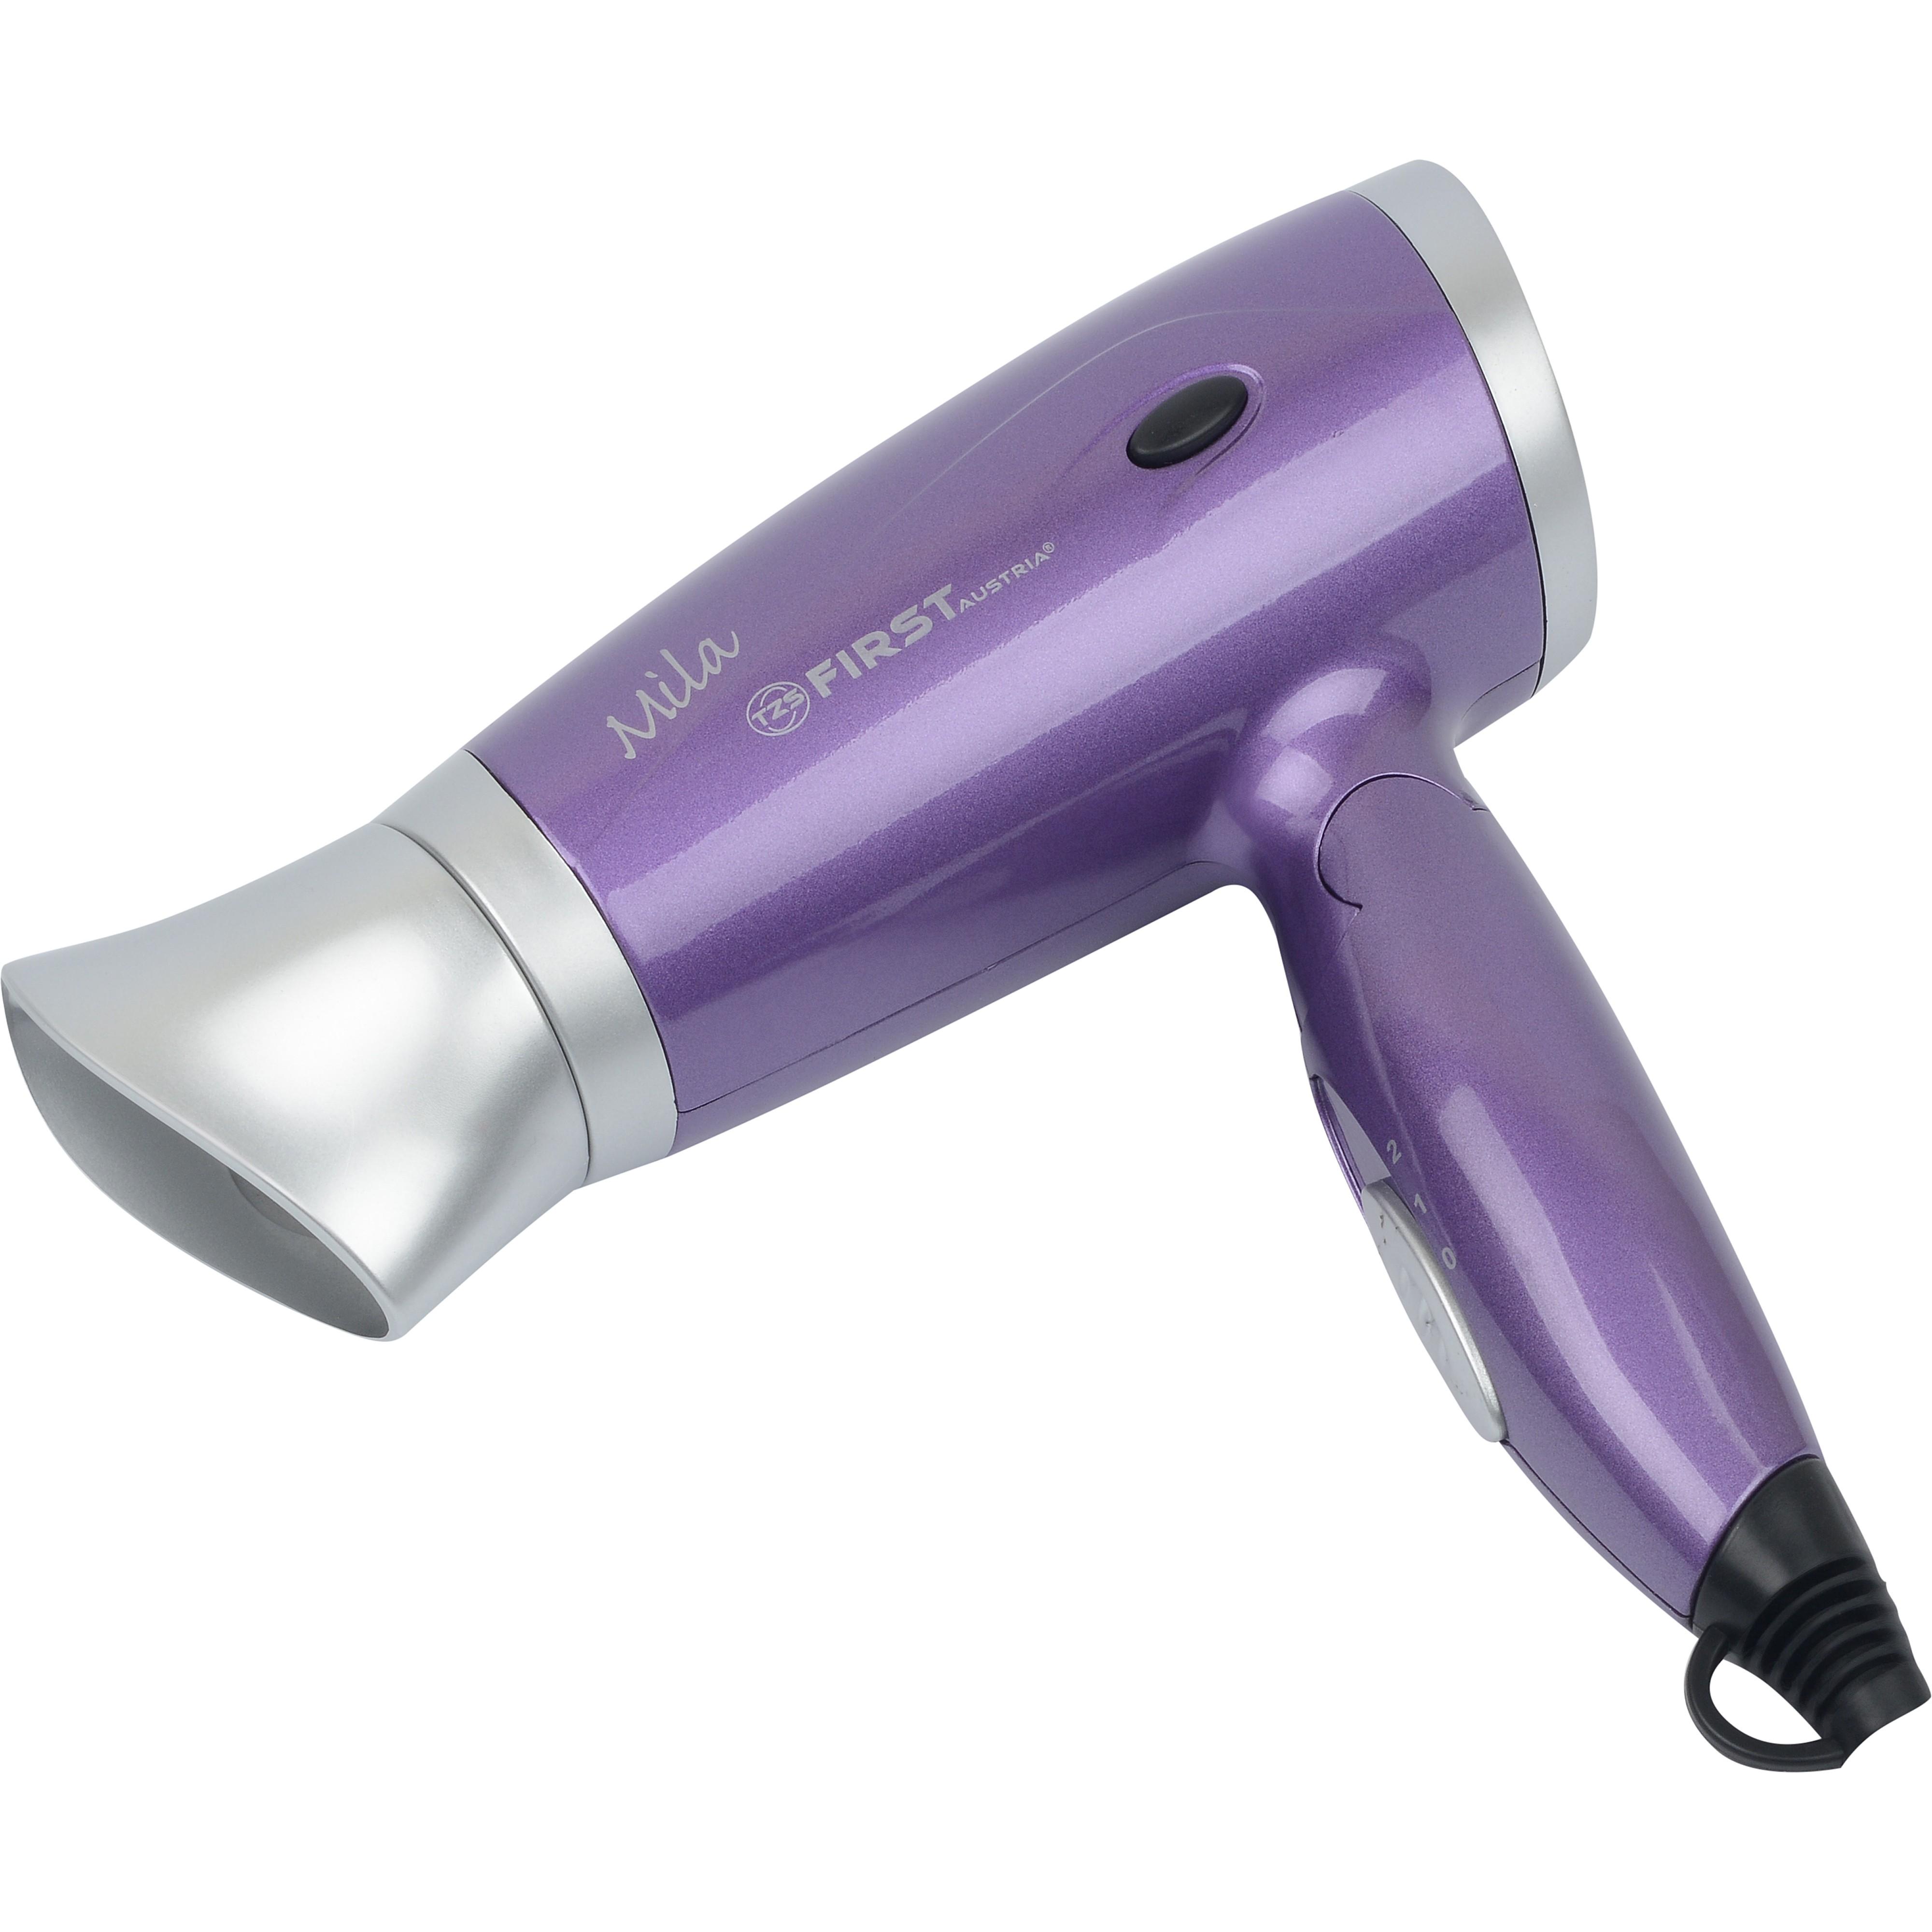 Фен FIRST 5666-3 PurpleДля сушки волос<br>Фен First FA-5666-3 - одно из самых удобных компактных устройств для сушки волос. Фен позволяет быстро и качественно высушить волосы, сделать укладку, придать волосам объем.Благодаря складной ручке устройство становится мобильным и очень удобным для перевозки.<br>